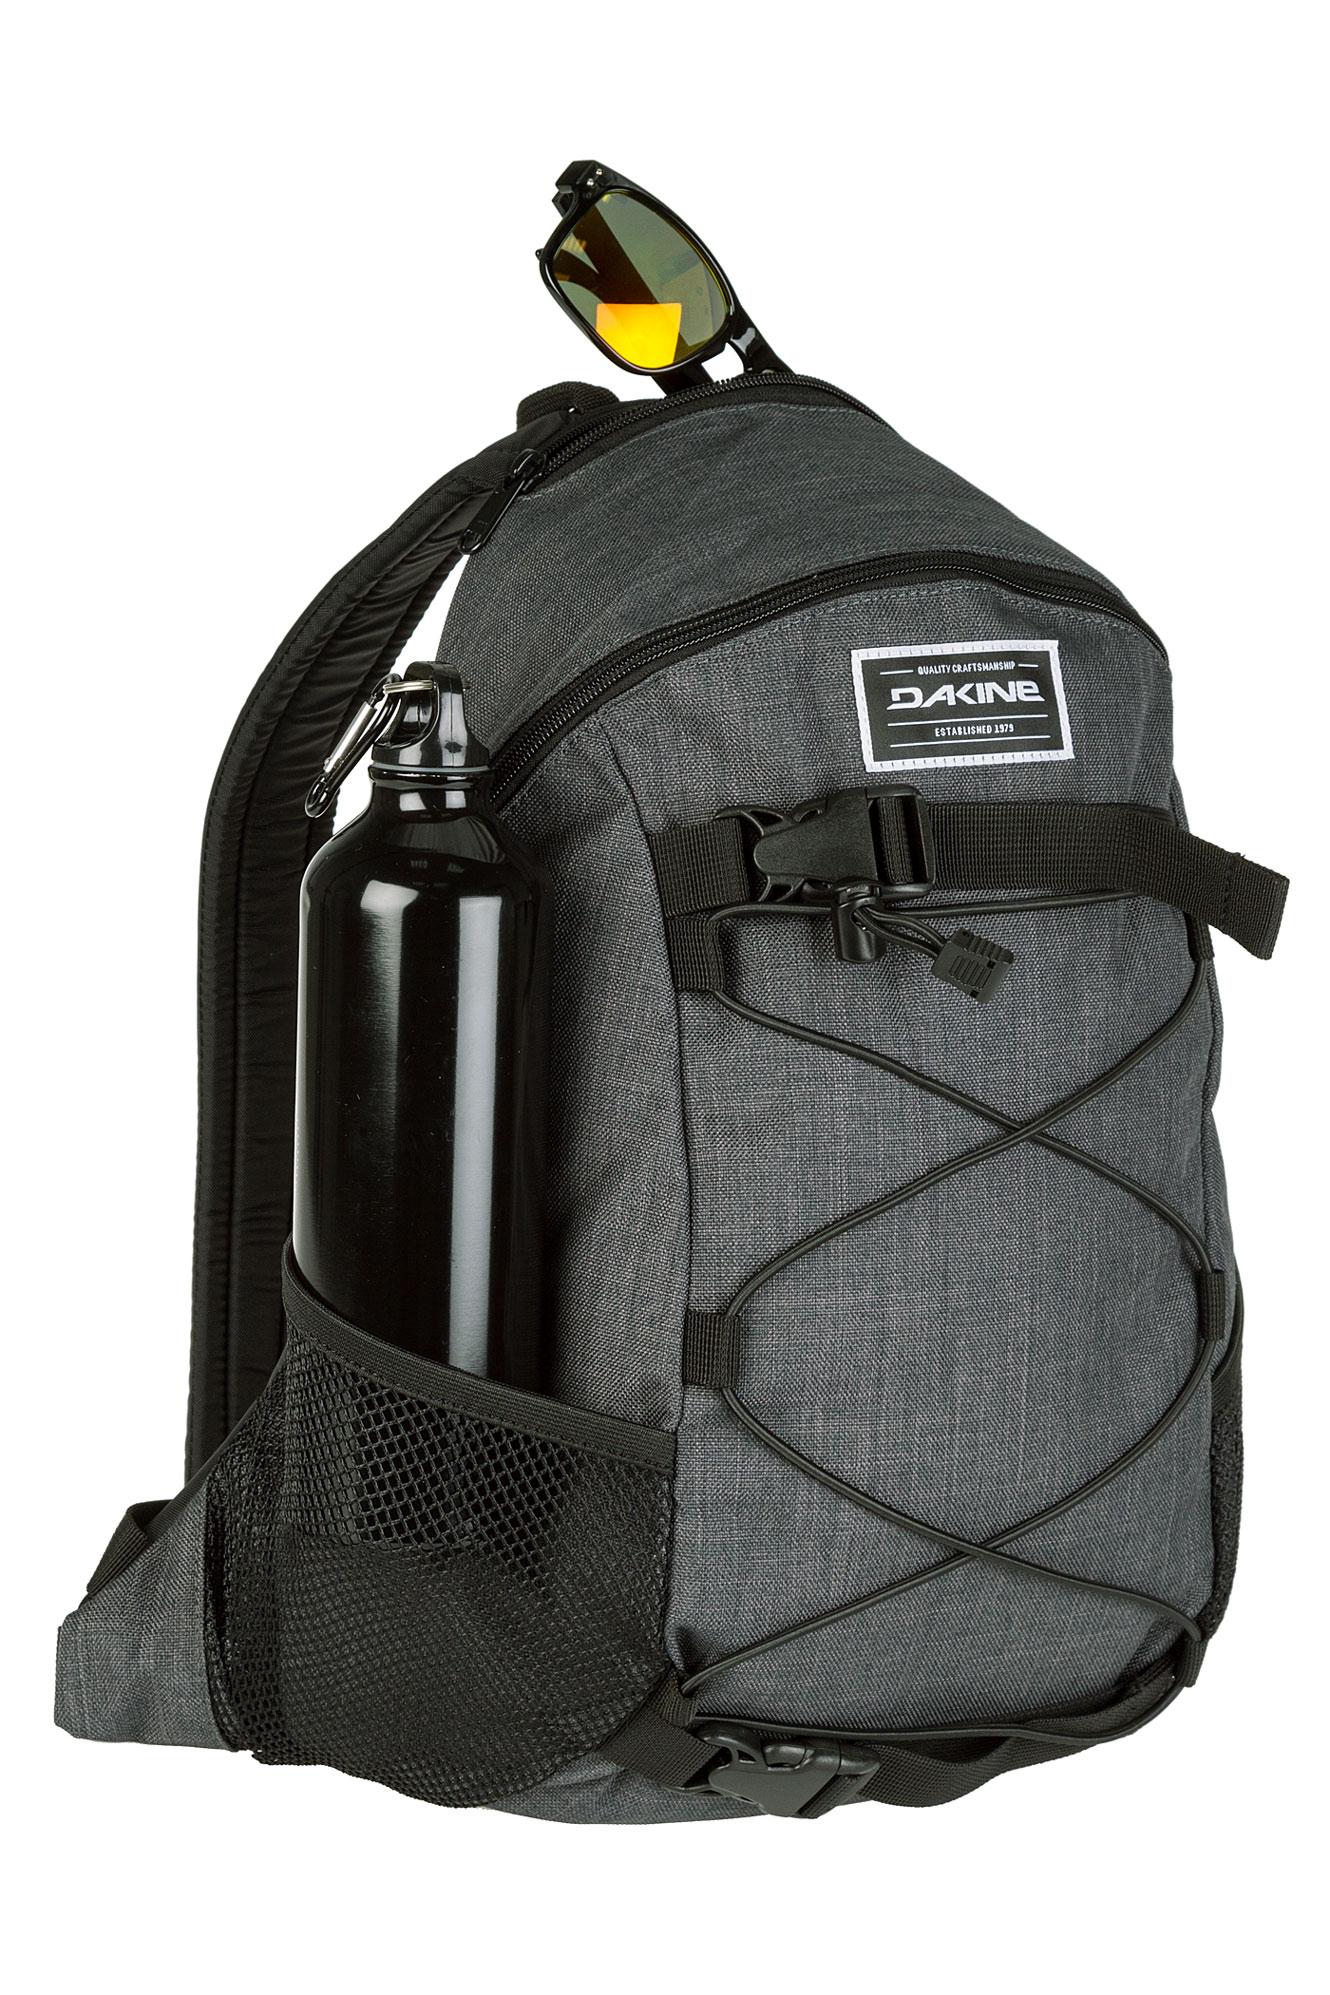 dakine wonder backpack 15l carbon buy at skatedeluxe. Black Bedroom Furniture Sets. Home Design Ideas